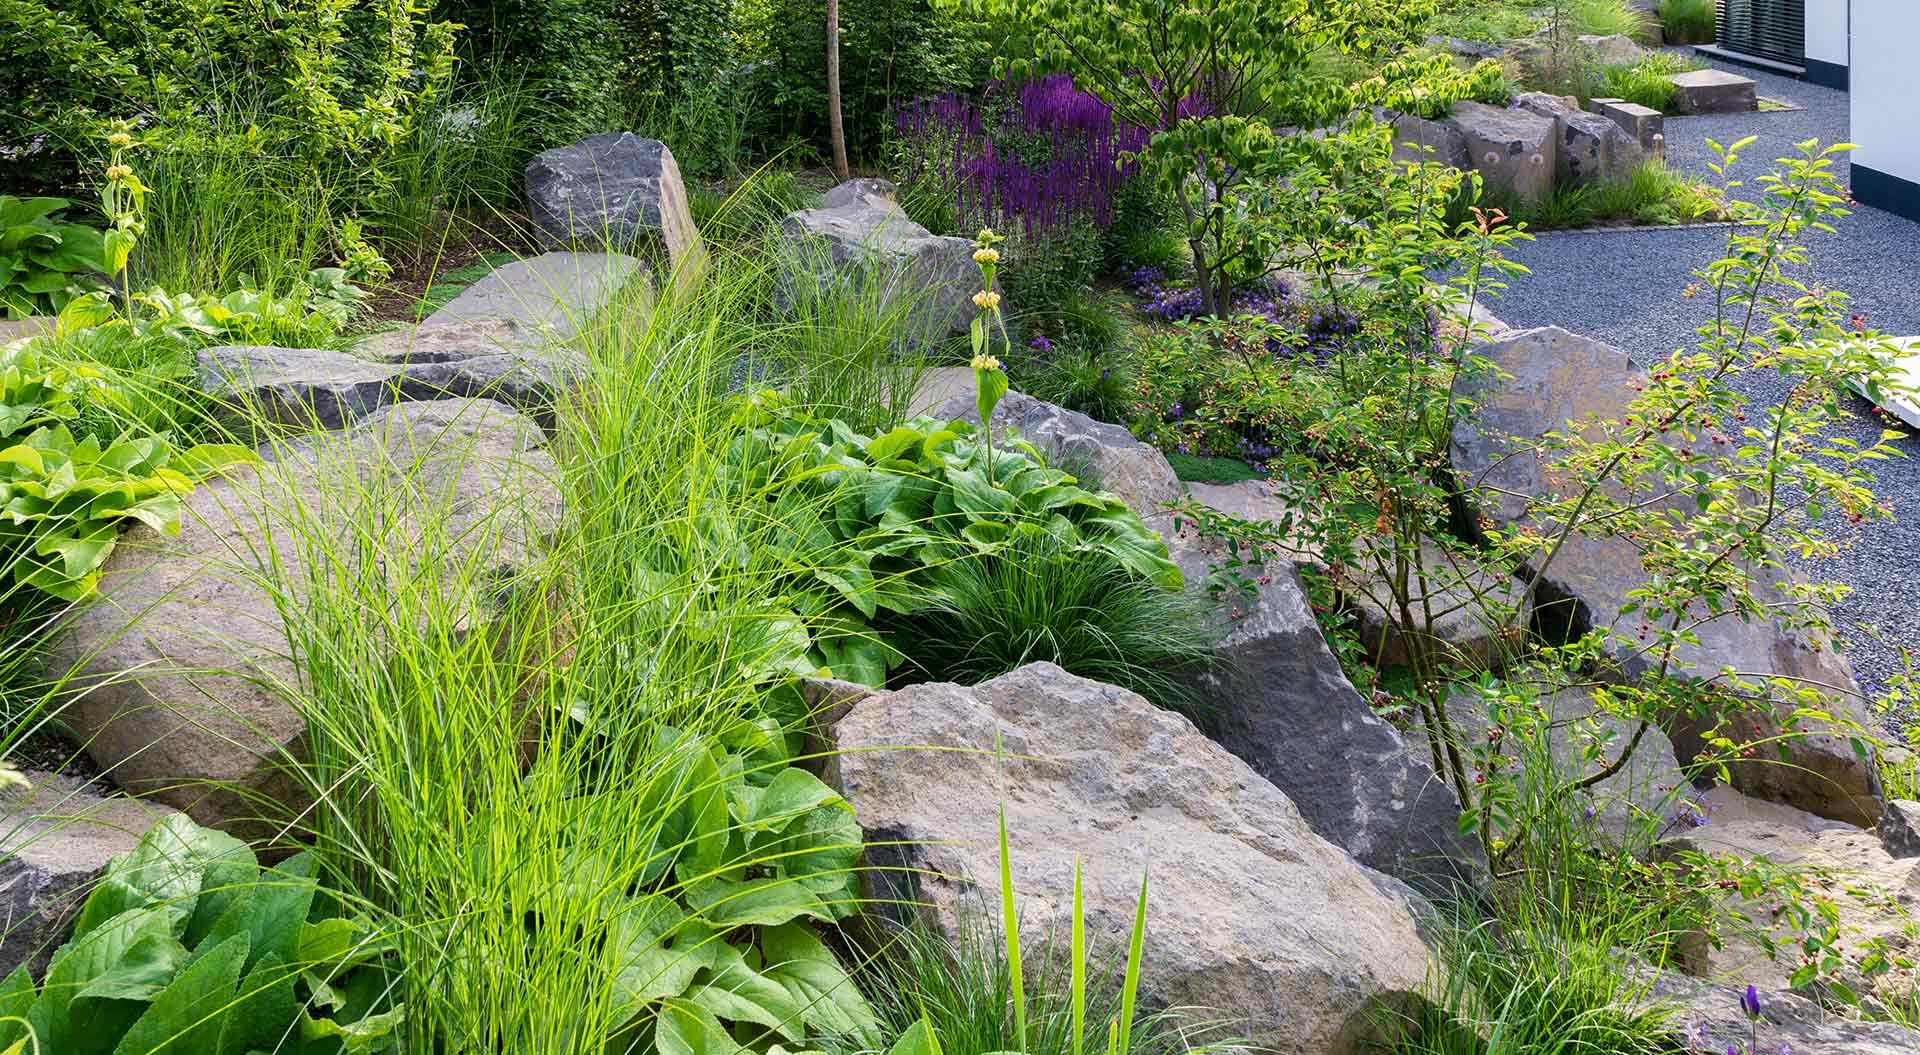 Blick auf Pflanzen und Natursteine, welche Teil eines Hanggartens sind